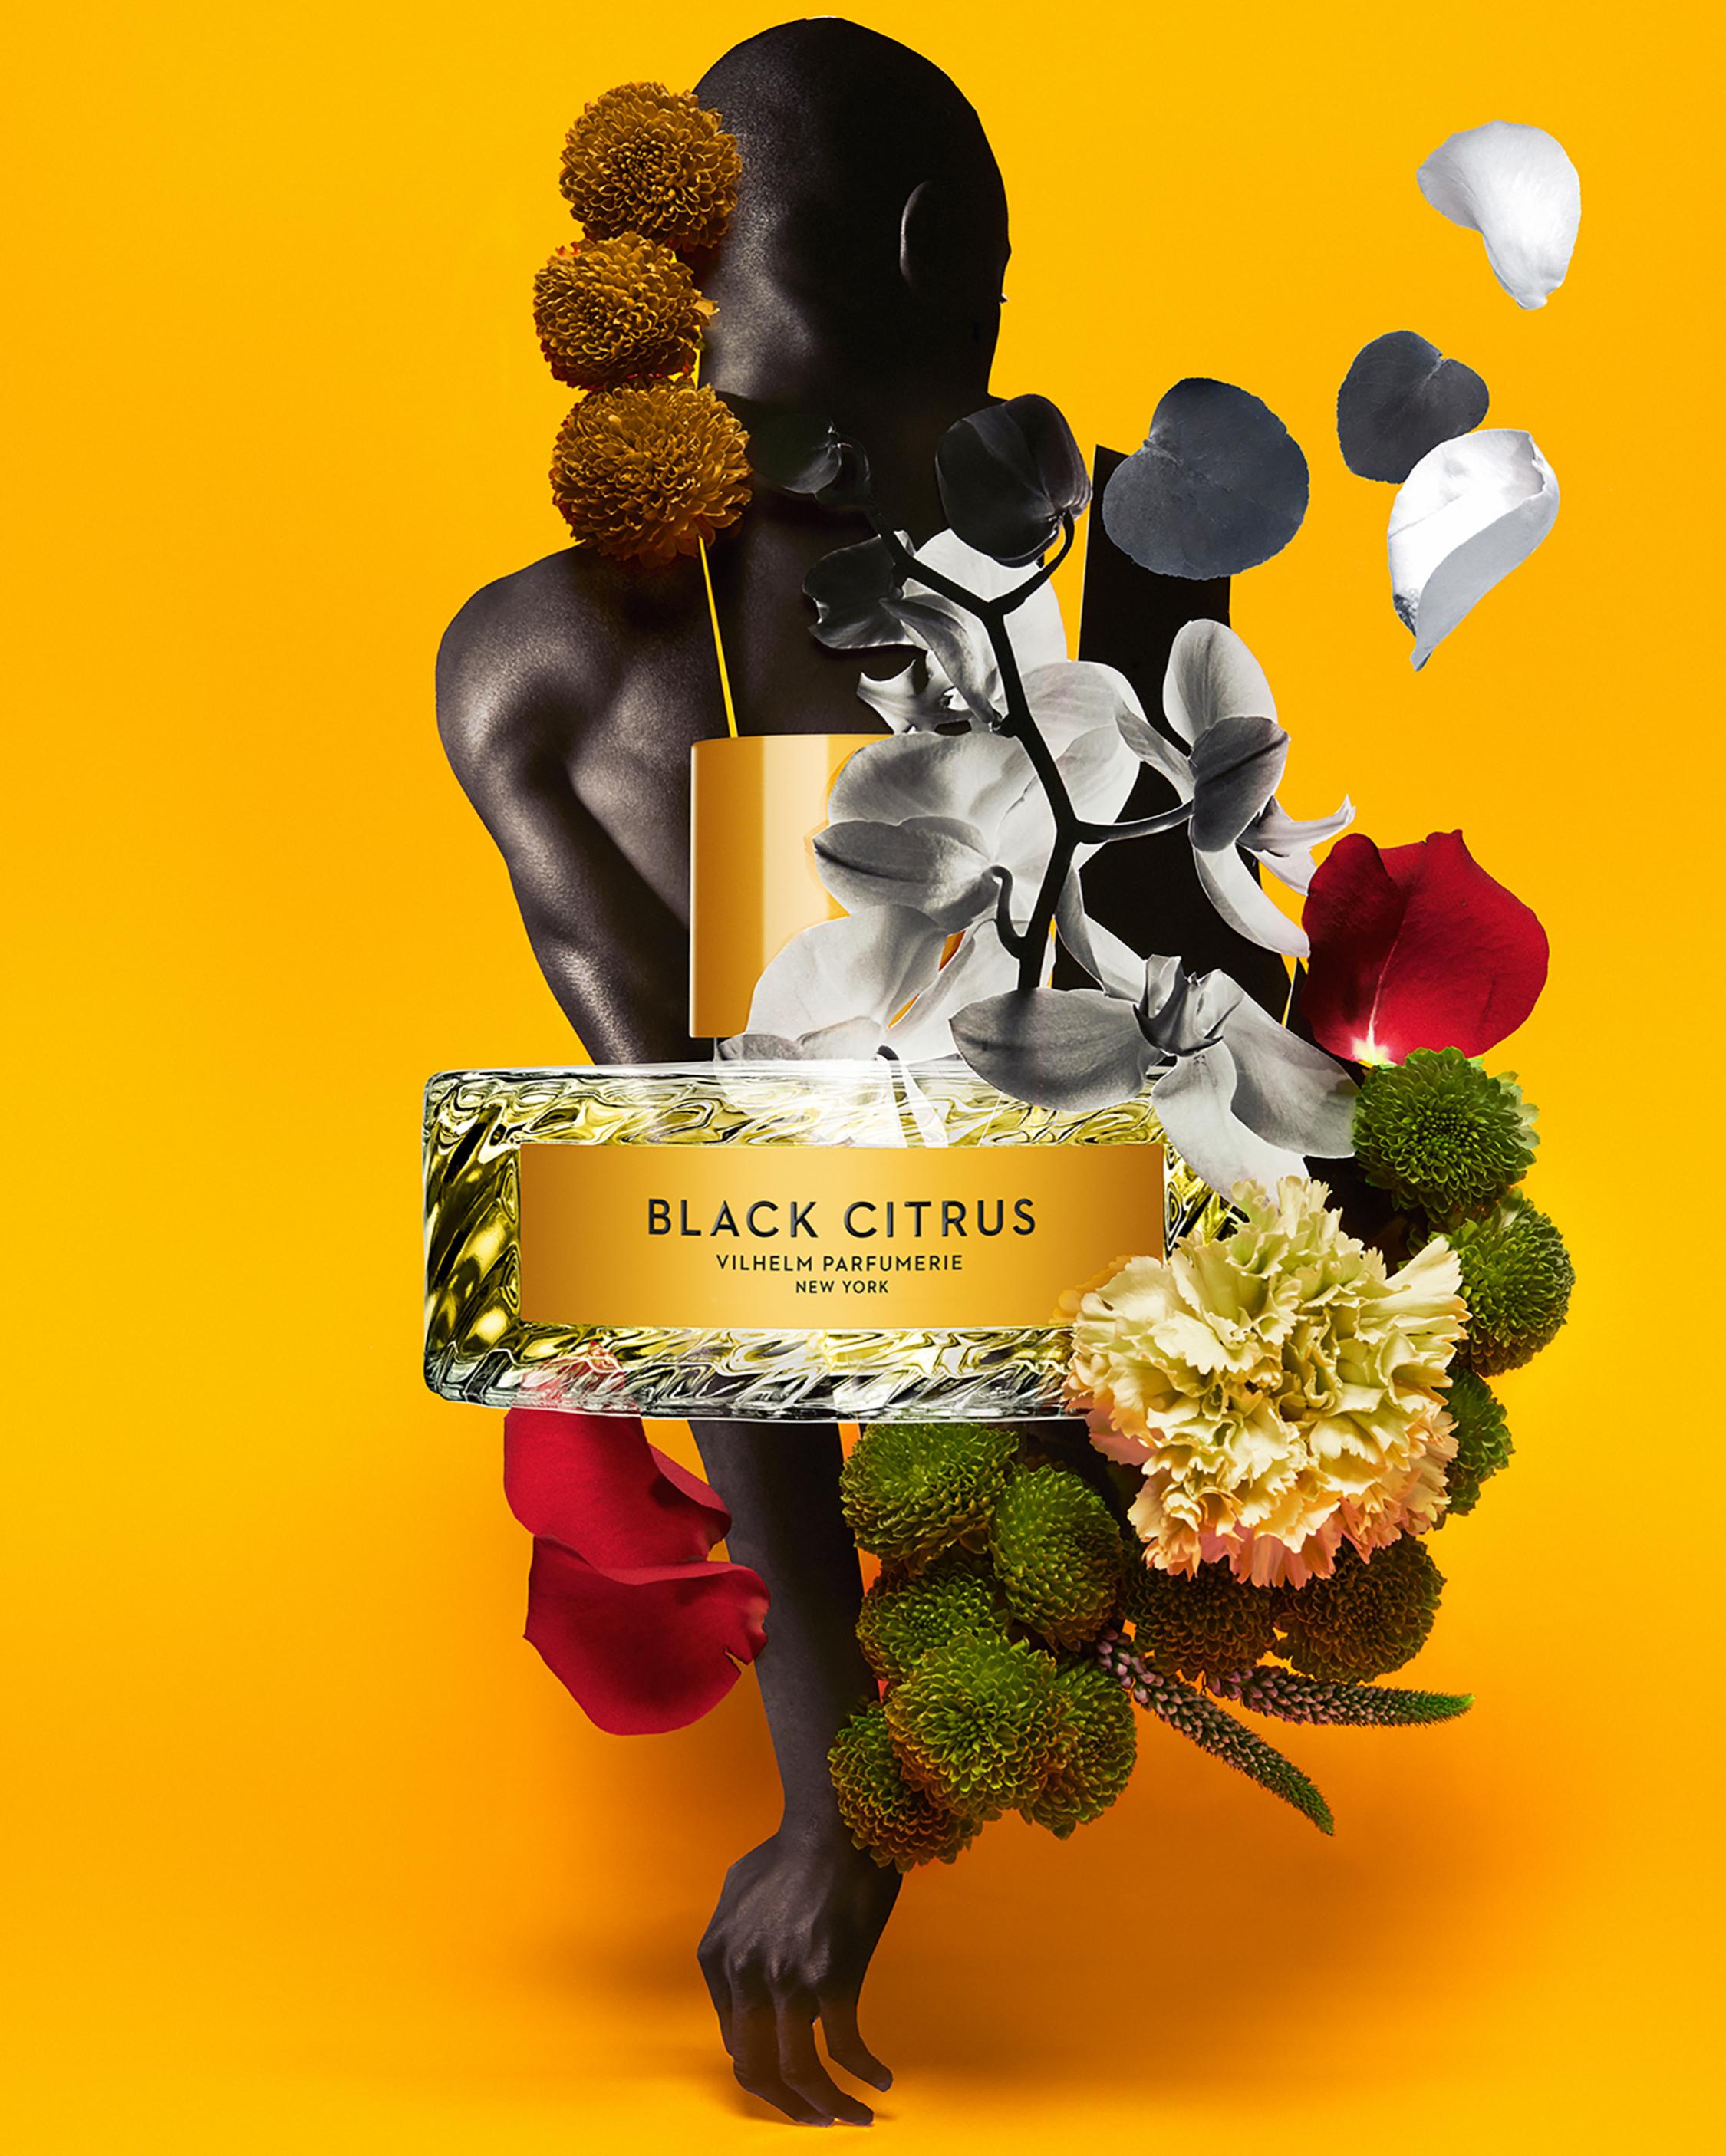 Vilhelm Perfumerie Black Citrus Eau de Parfum 100ml 1